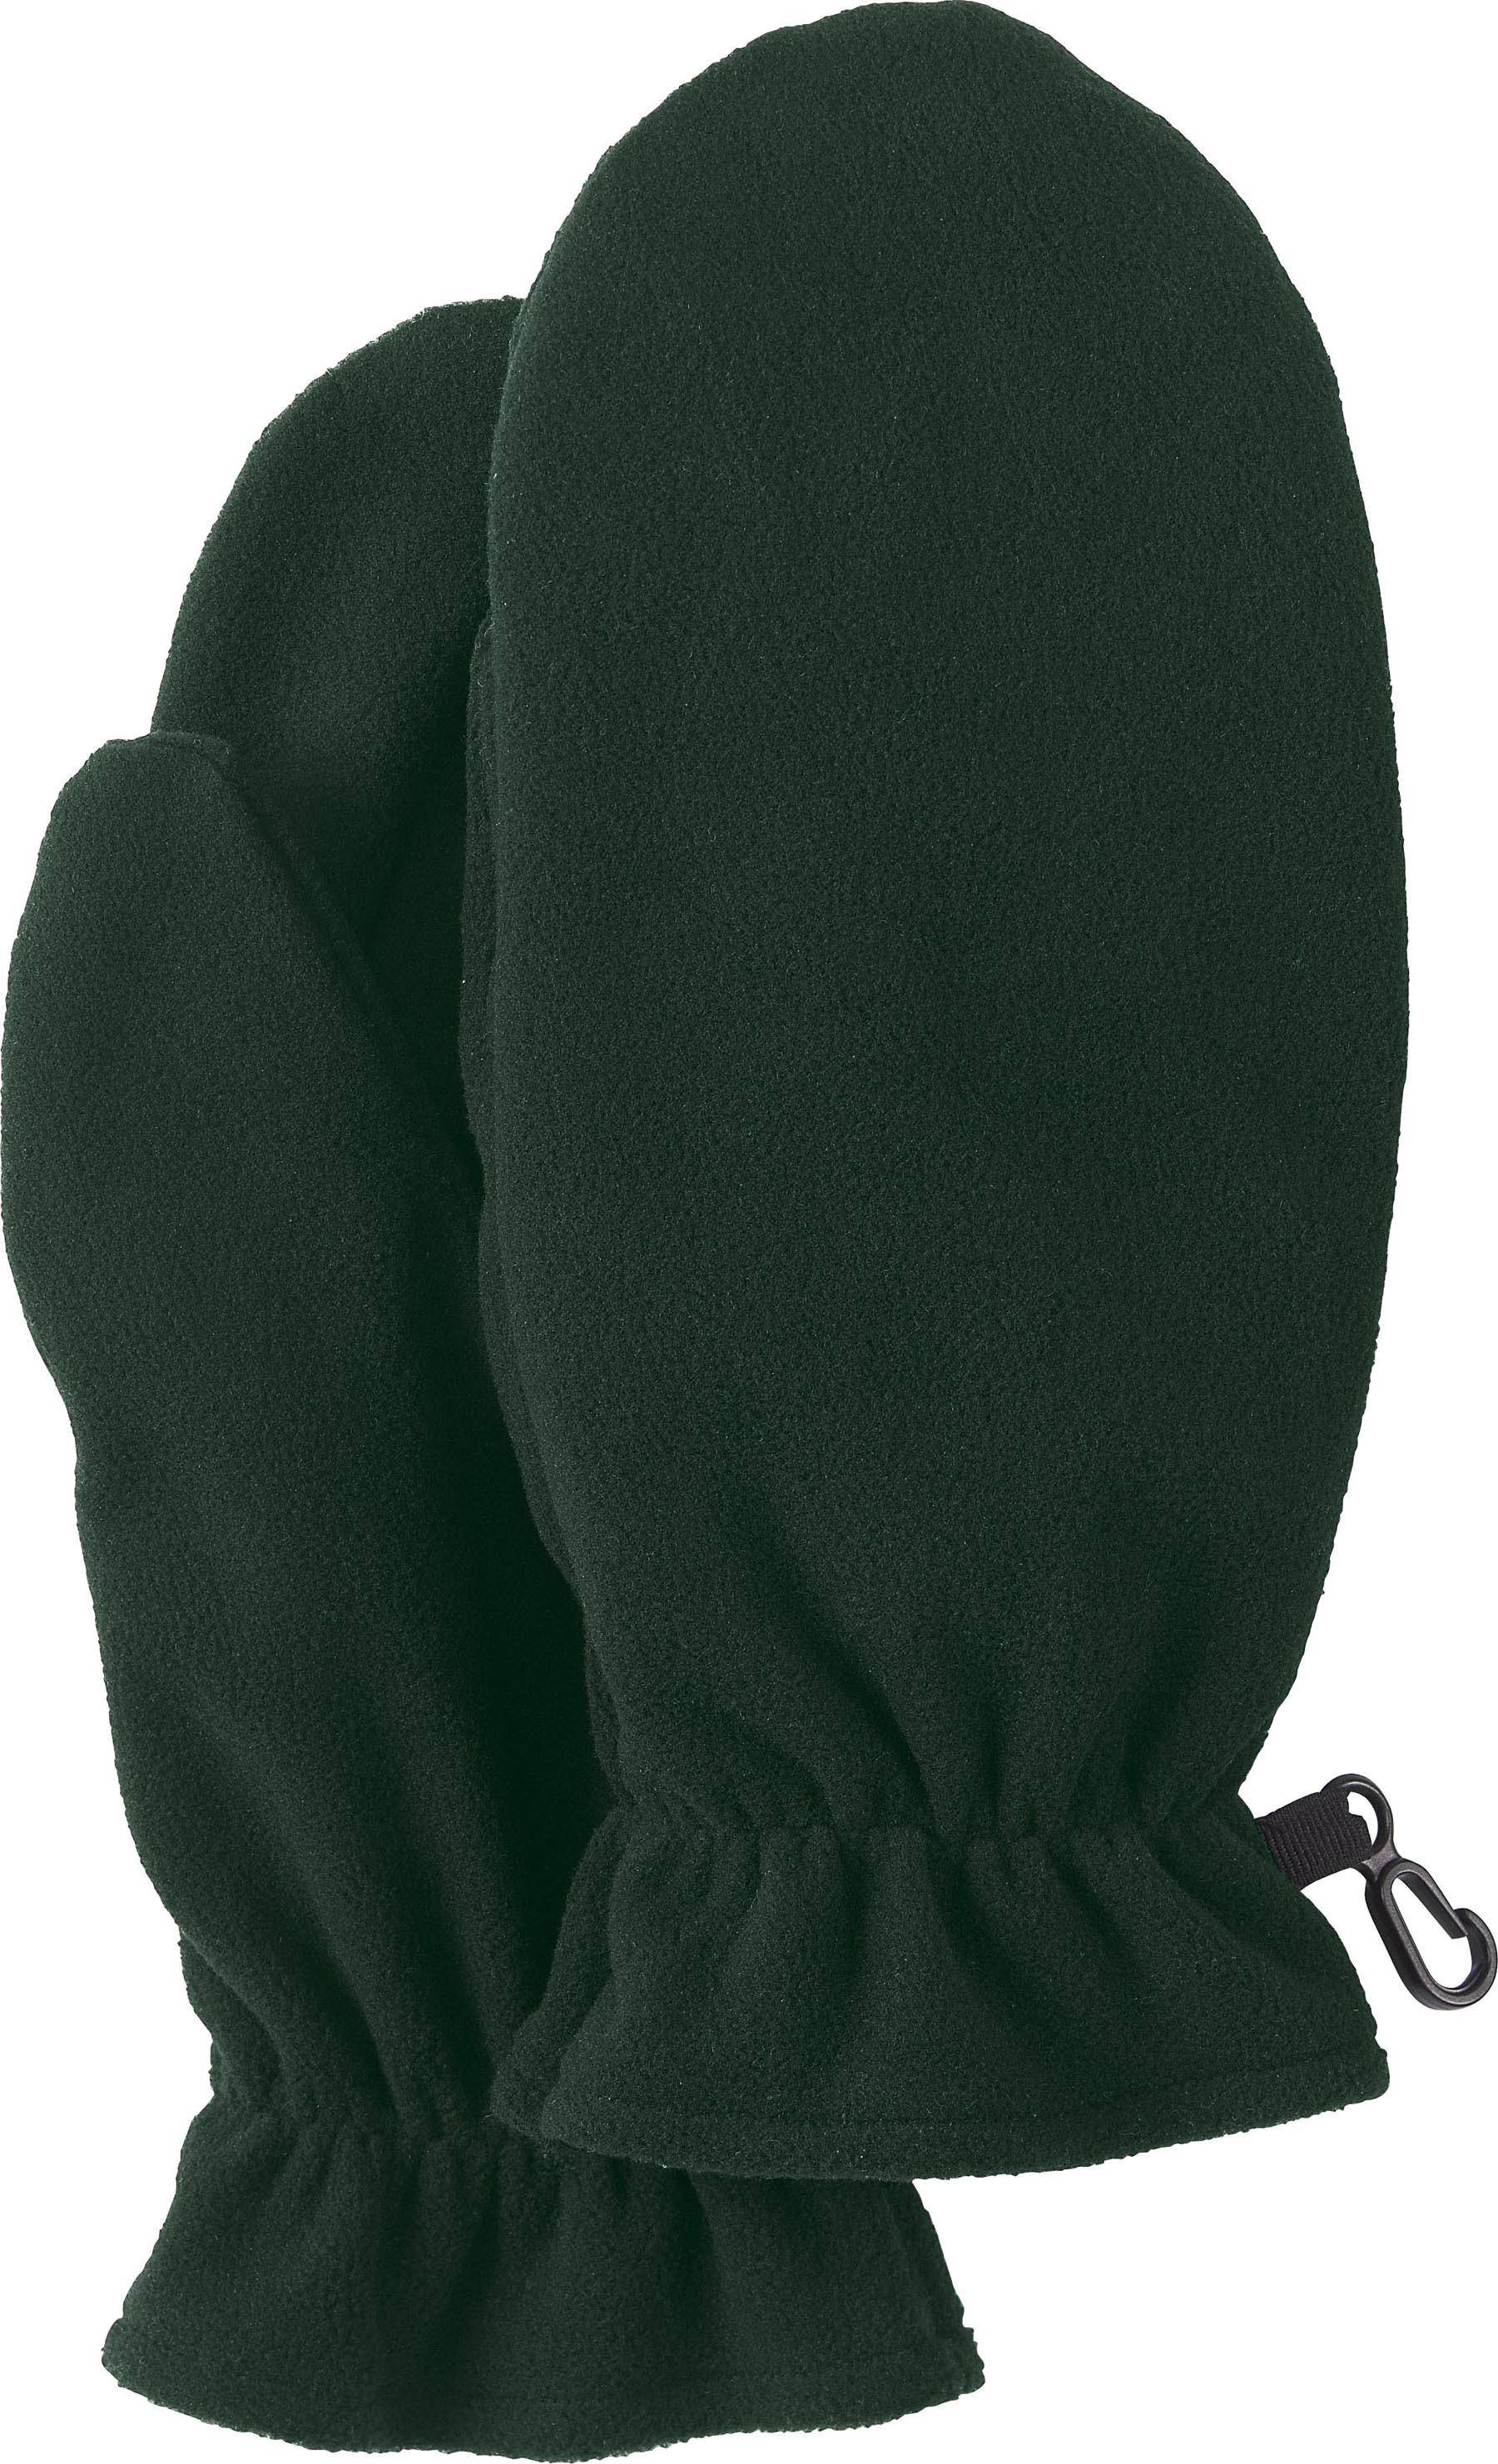 Ash City e.c.o Fleece 441013 - Recycled Polyester Fleece Mittens